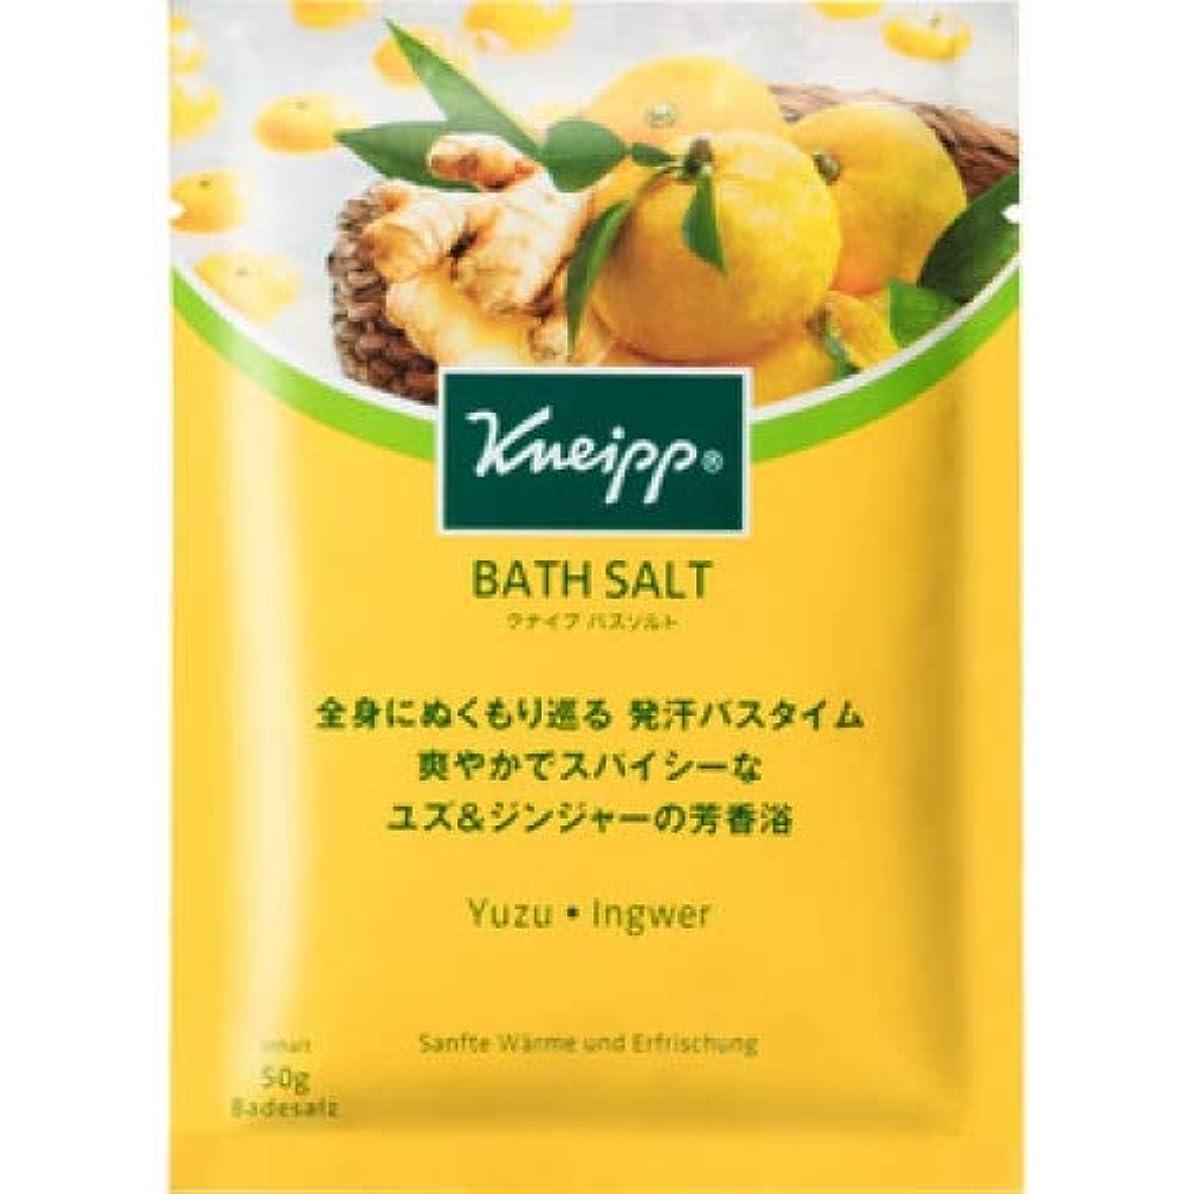 極端なつなぐ面ドイツ製バスソルト KNEIPP クナイプ バスソルト ユズ&ジンジャーの香り (50g) 入浴剤